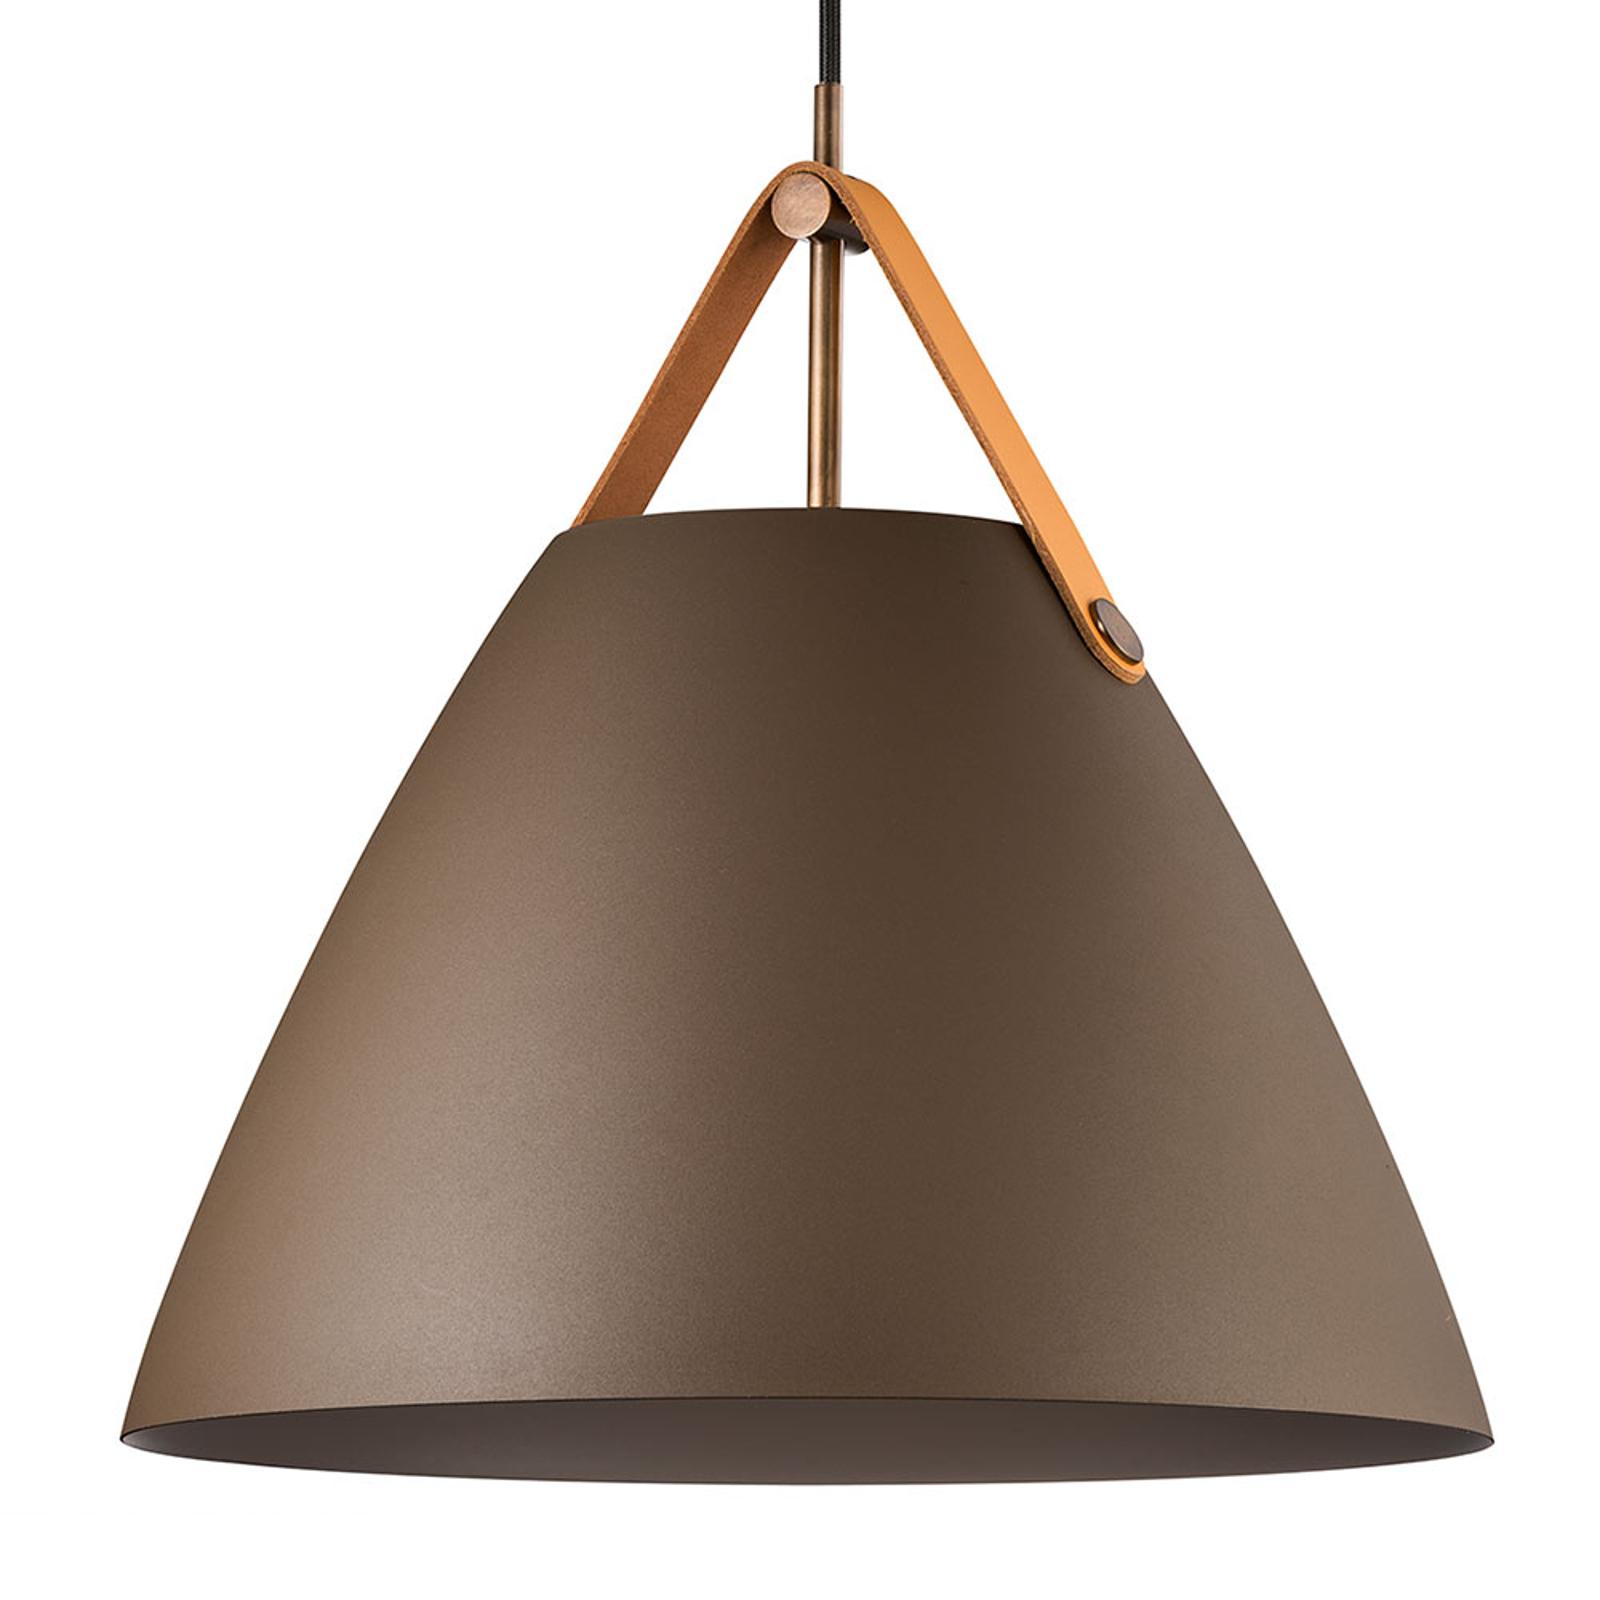 Hanglamp Strap met metalen kap beige, 36 cm